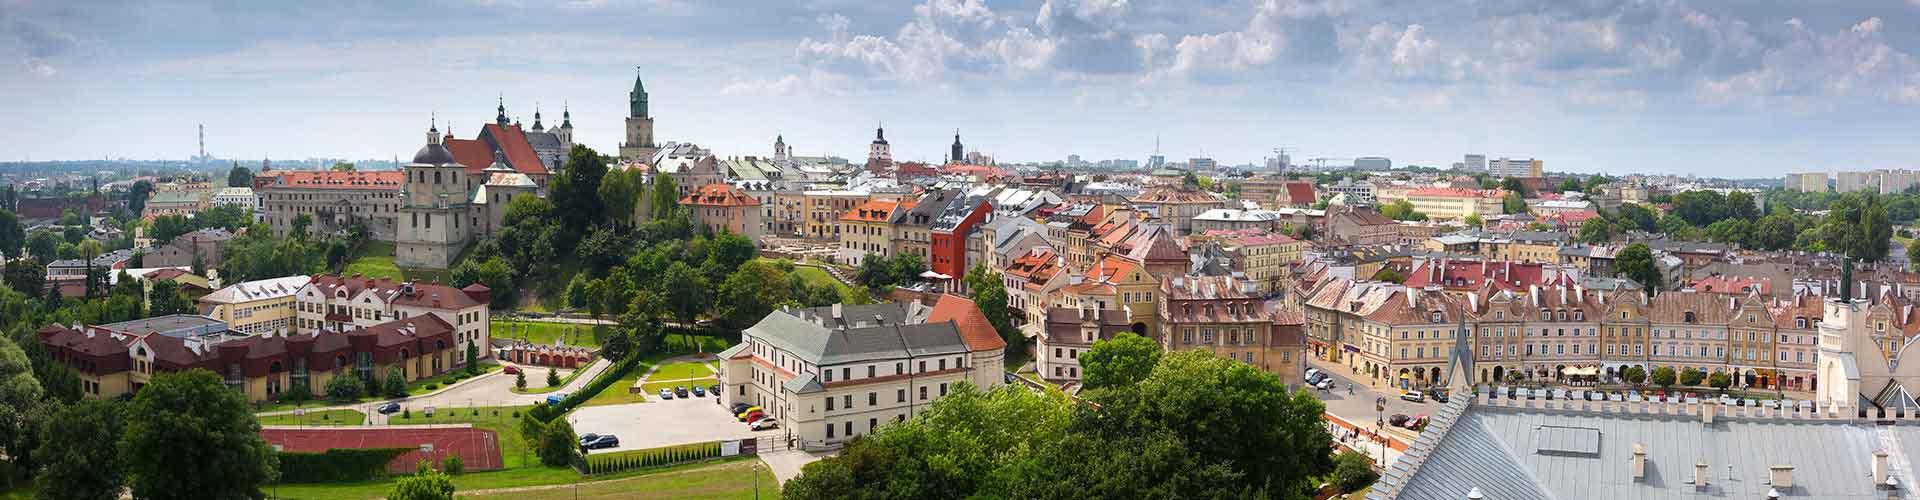 Lublin - Hôtels à Lublin. Cartes pour Lublin, photos et commentaires pour chaque hôtel à Lublin.